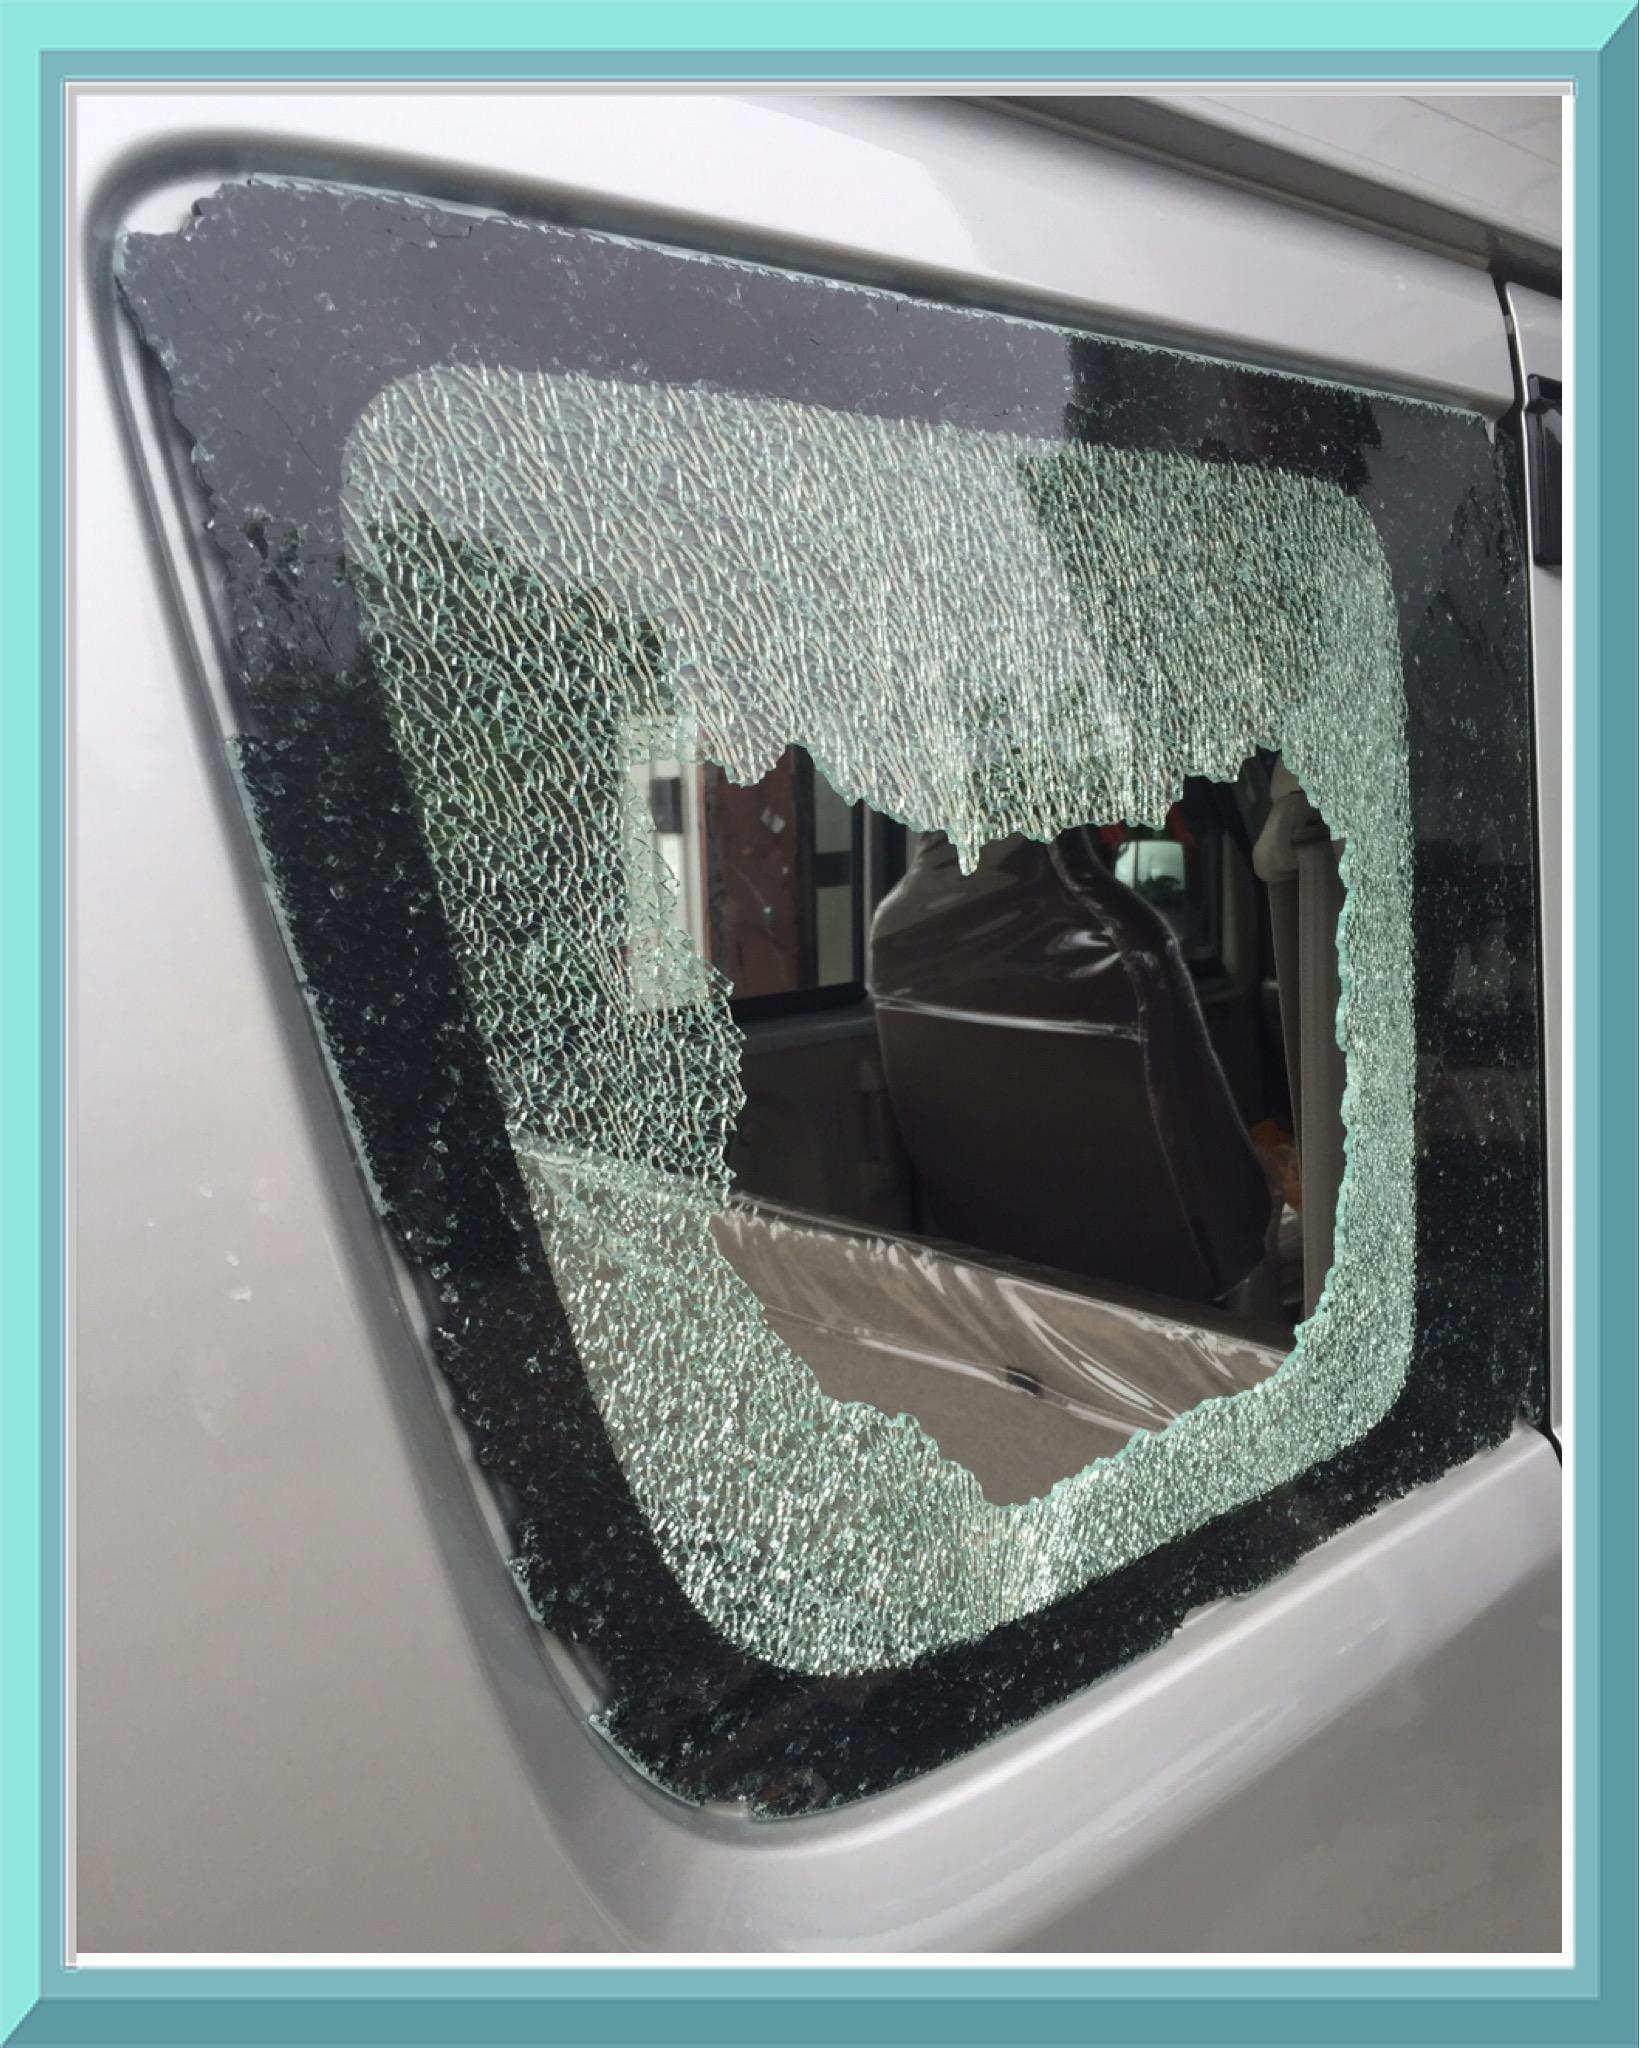 車の三分の一はガラスです 万が一にガラスが割れてしまったら 茨城 神栖で45年のガラス専門店 鹿島自動車ガラスへご連絡ください